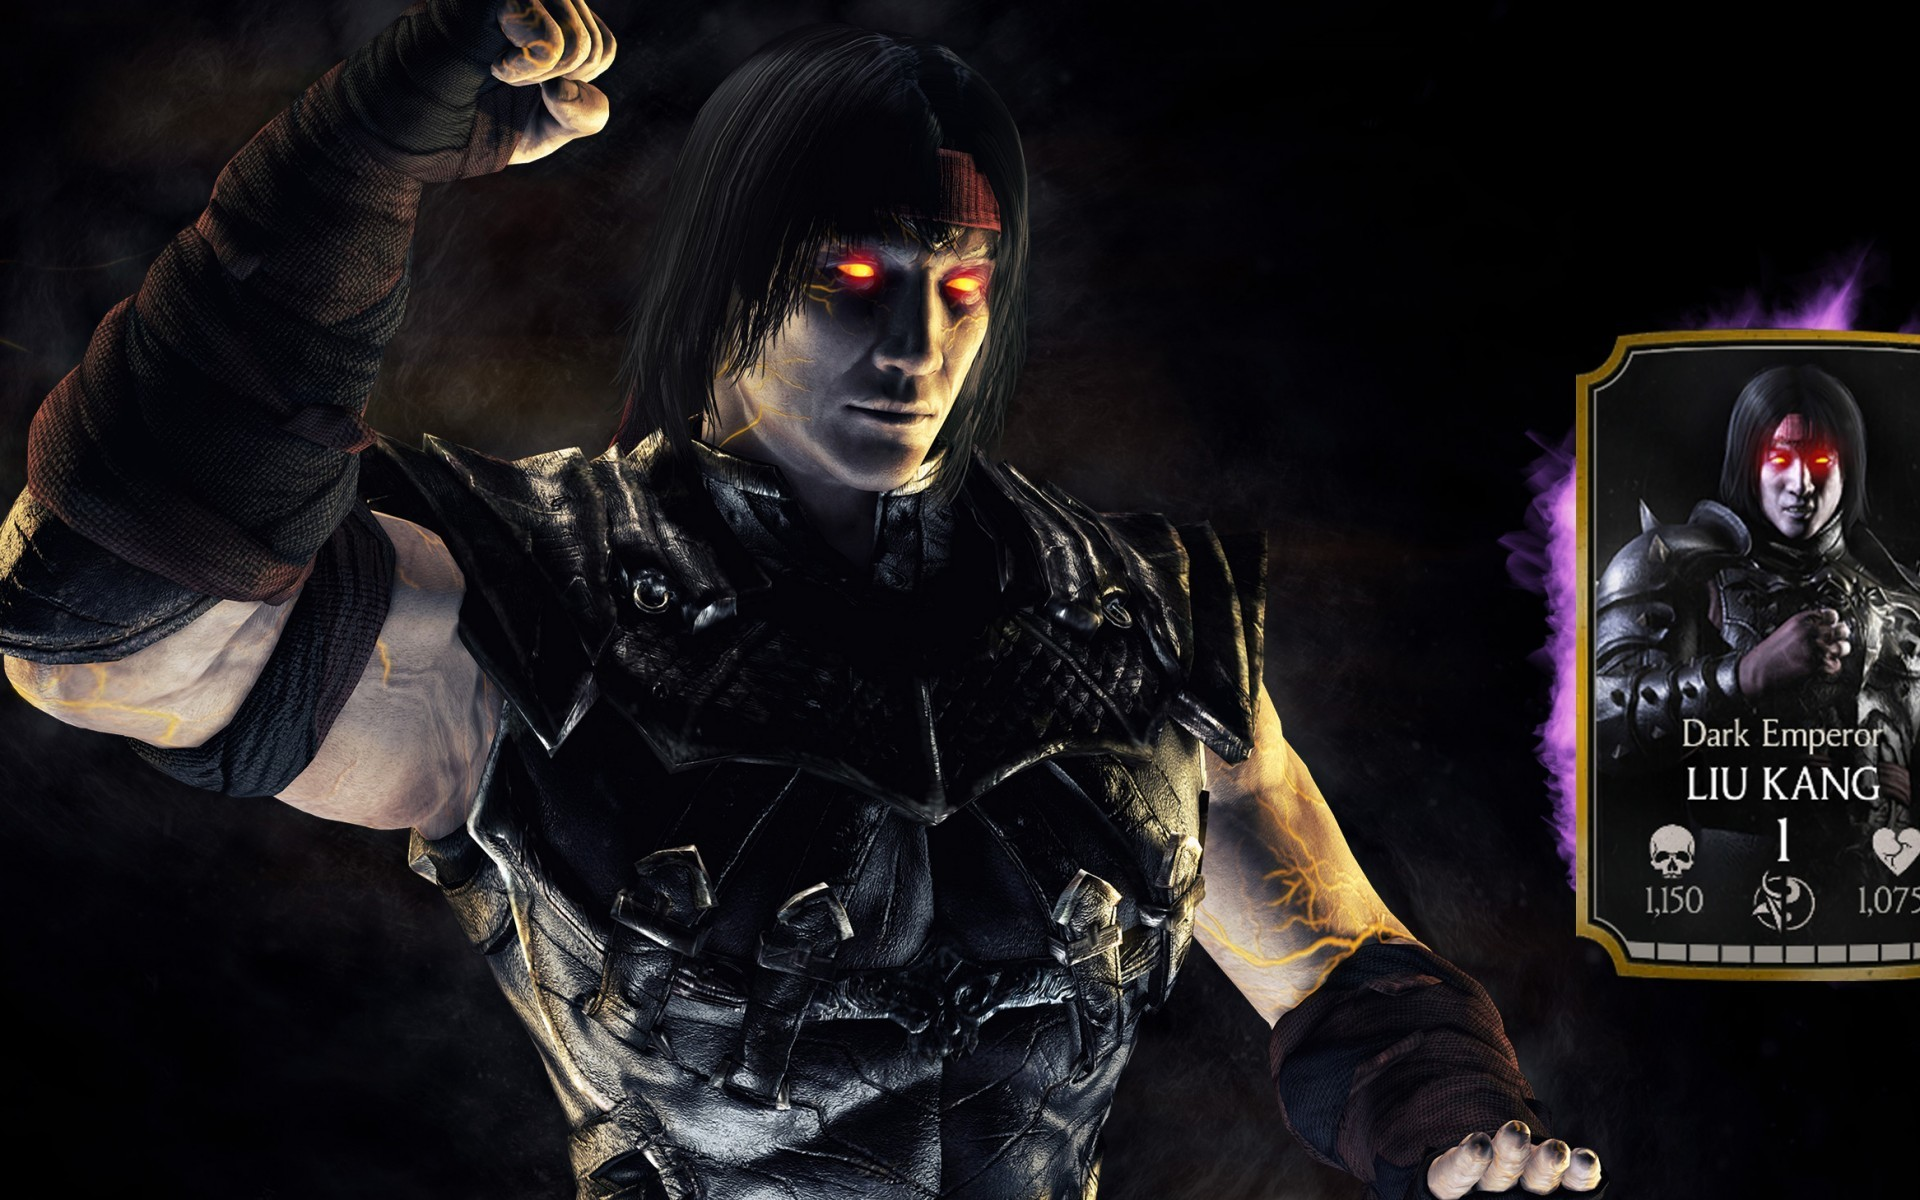 Tags: Liu Kang, Mortal Kombat X